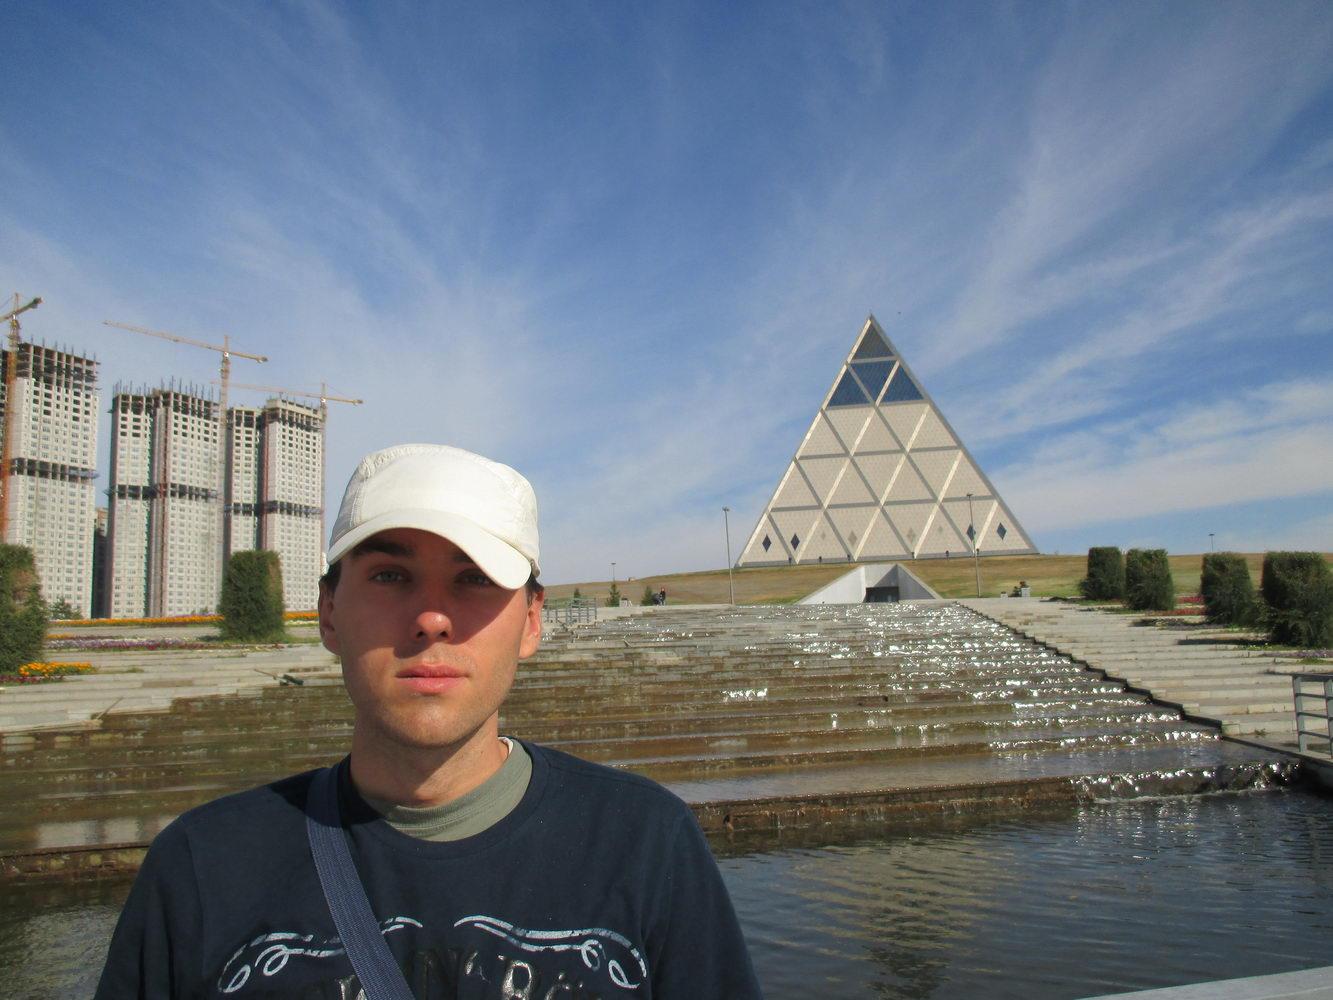 пирамида. президентский парк. астана. казахстан